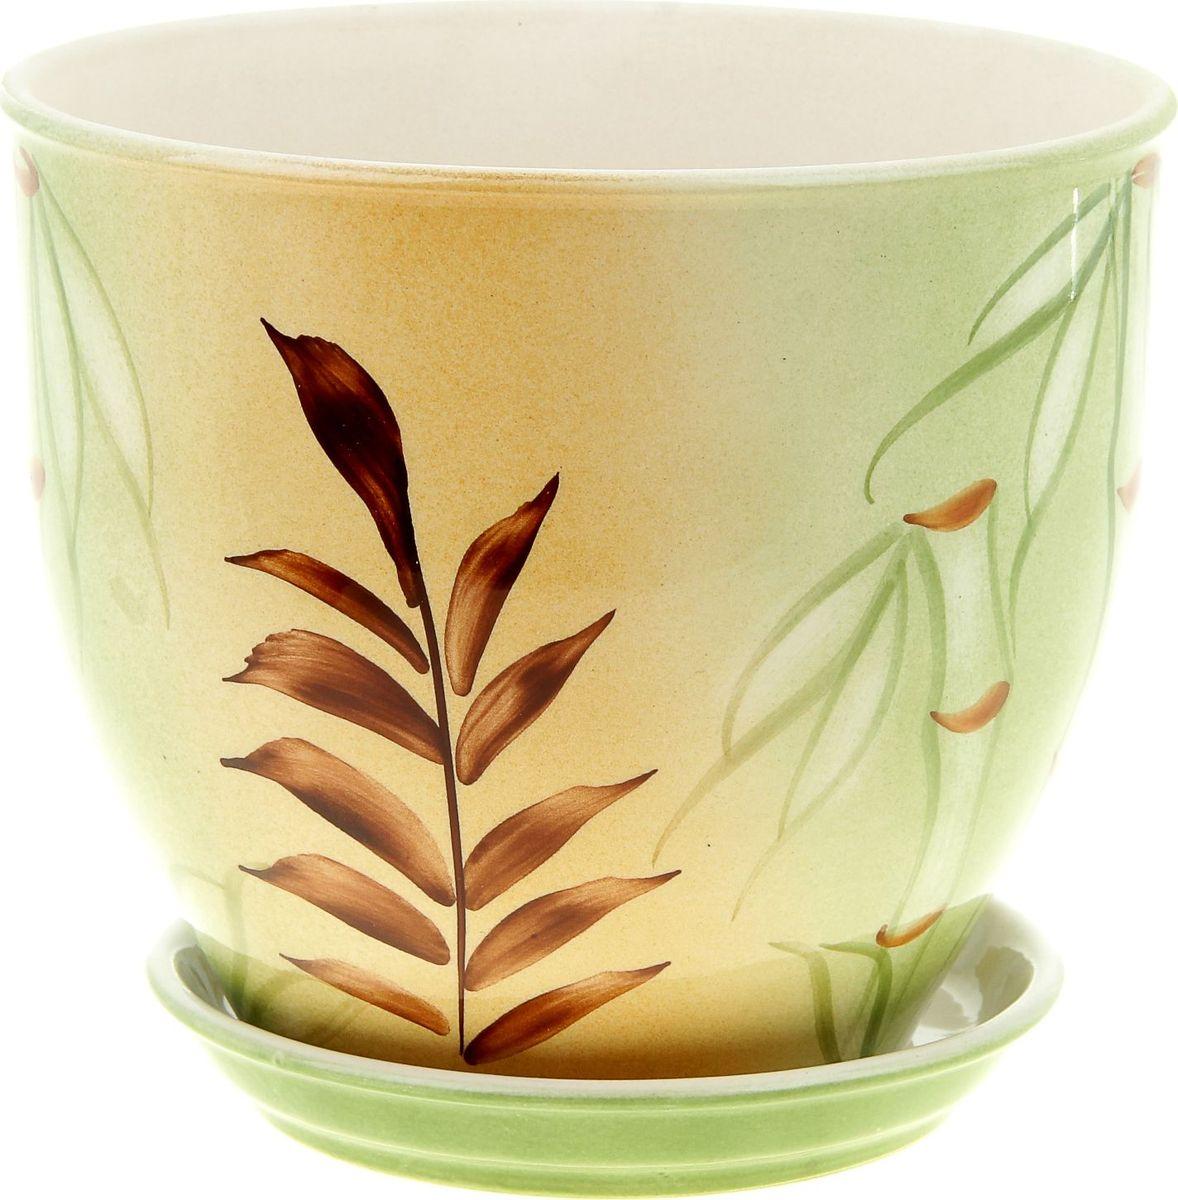 Кашпо Керамика ручной работы Виктор. Бамбук, цвет: зеленый, 4 л835550Комнатные растения — всеобщие любимцы. Они радуют глаз, насыщают помещение кислородом и украшают пространство. Каждому из них необходим свой удобный и красивый дом. Кашпо из керамики прекрасно подходят для высадки растений: за счёт пластичности глины и разных способов обработки существует великое множество форм и дизайновпористый материал позволяет испаряться лишней влагевоздух, необходимый для дыхания корней, проникает сквозь керамические стенки! #name# позаботится о зелёном питомце, освежит интерьер и подчеркнёт его стиль.